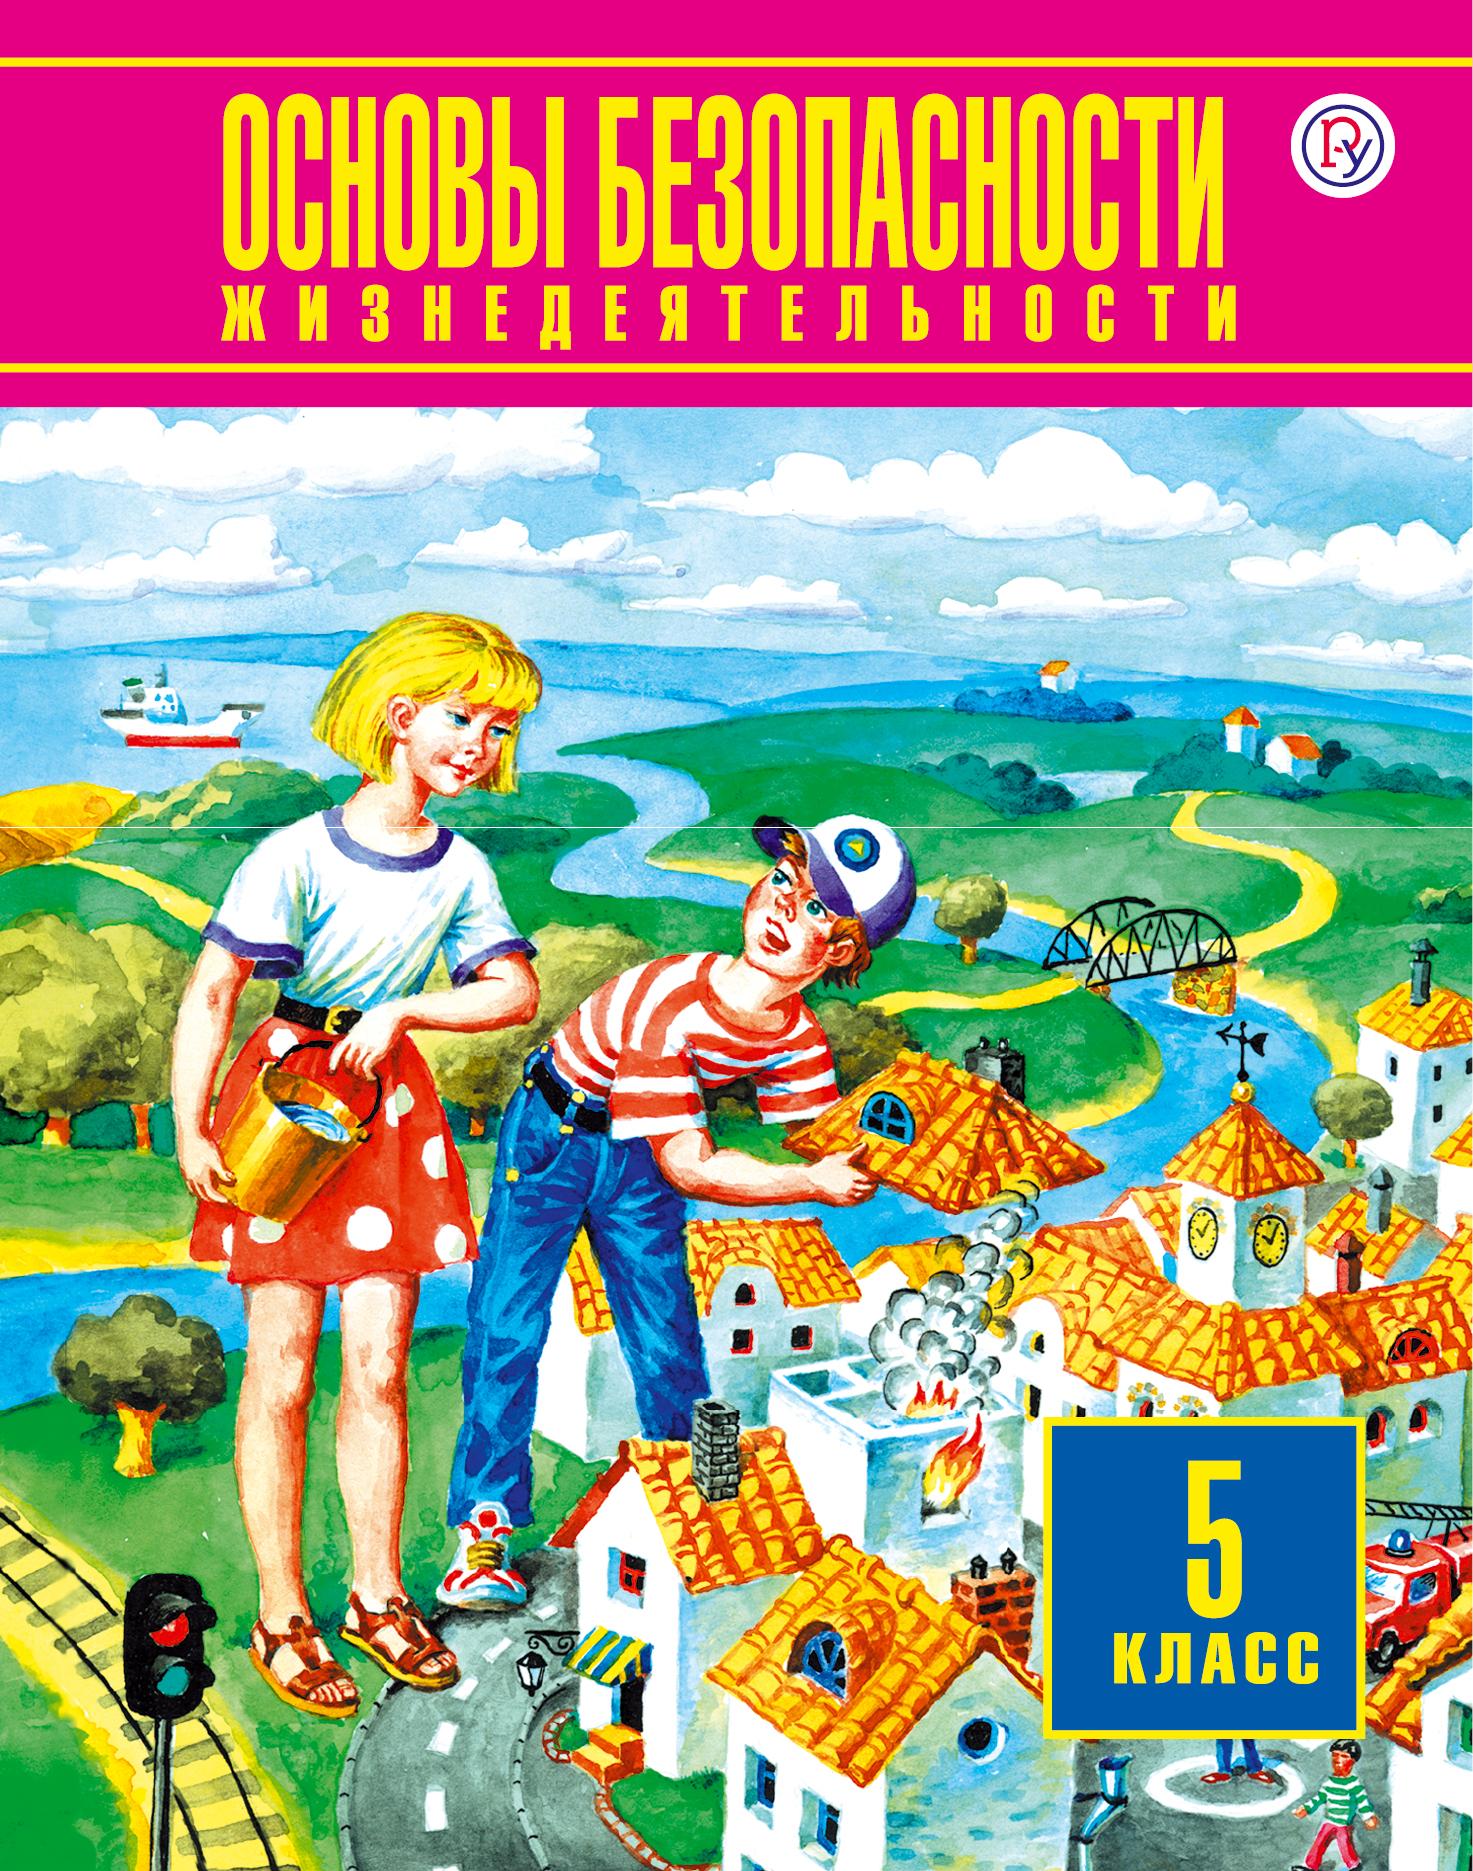 М. П. Фролов, В. П. Шолох, М. В. Юрьева, Б. И. Мишин Основы безопасности жизнедеятельности. 5 класс